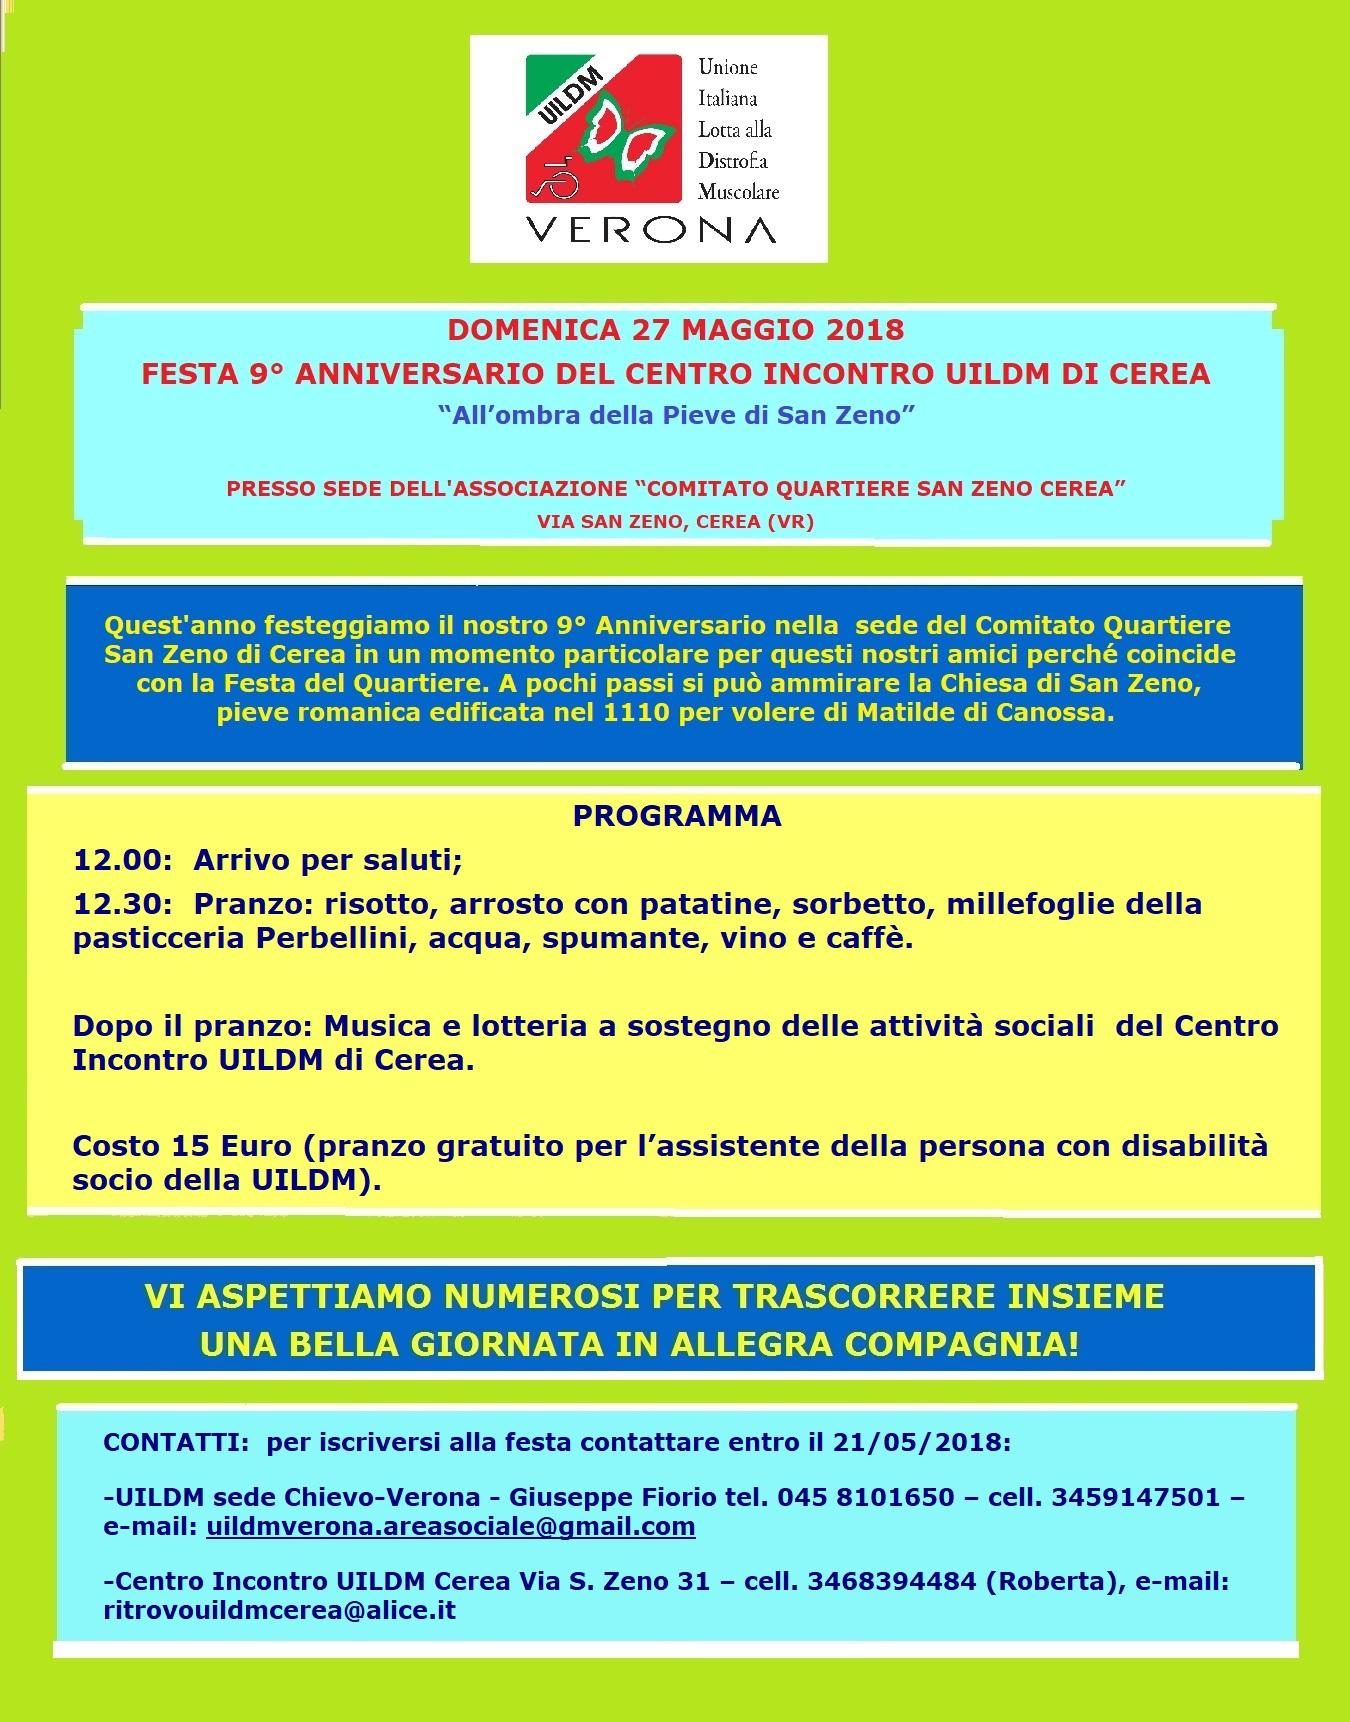 FESTA 9° ANNIVERSARIO DEL CENTRO INCONTRO UILDM DI CEREA